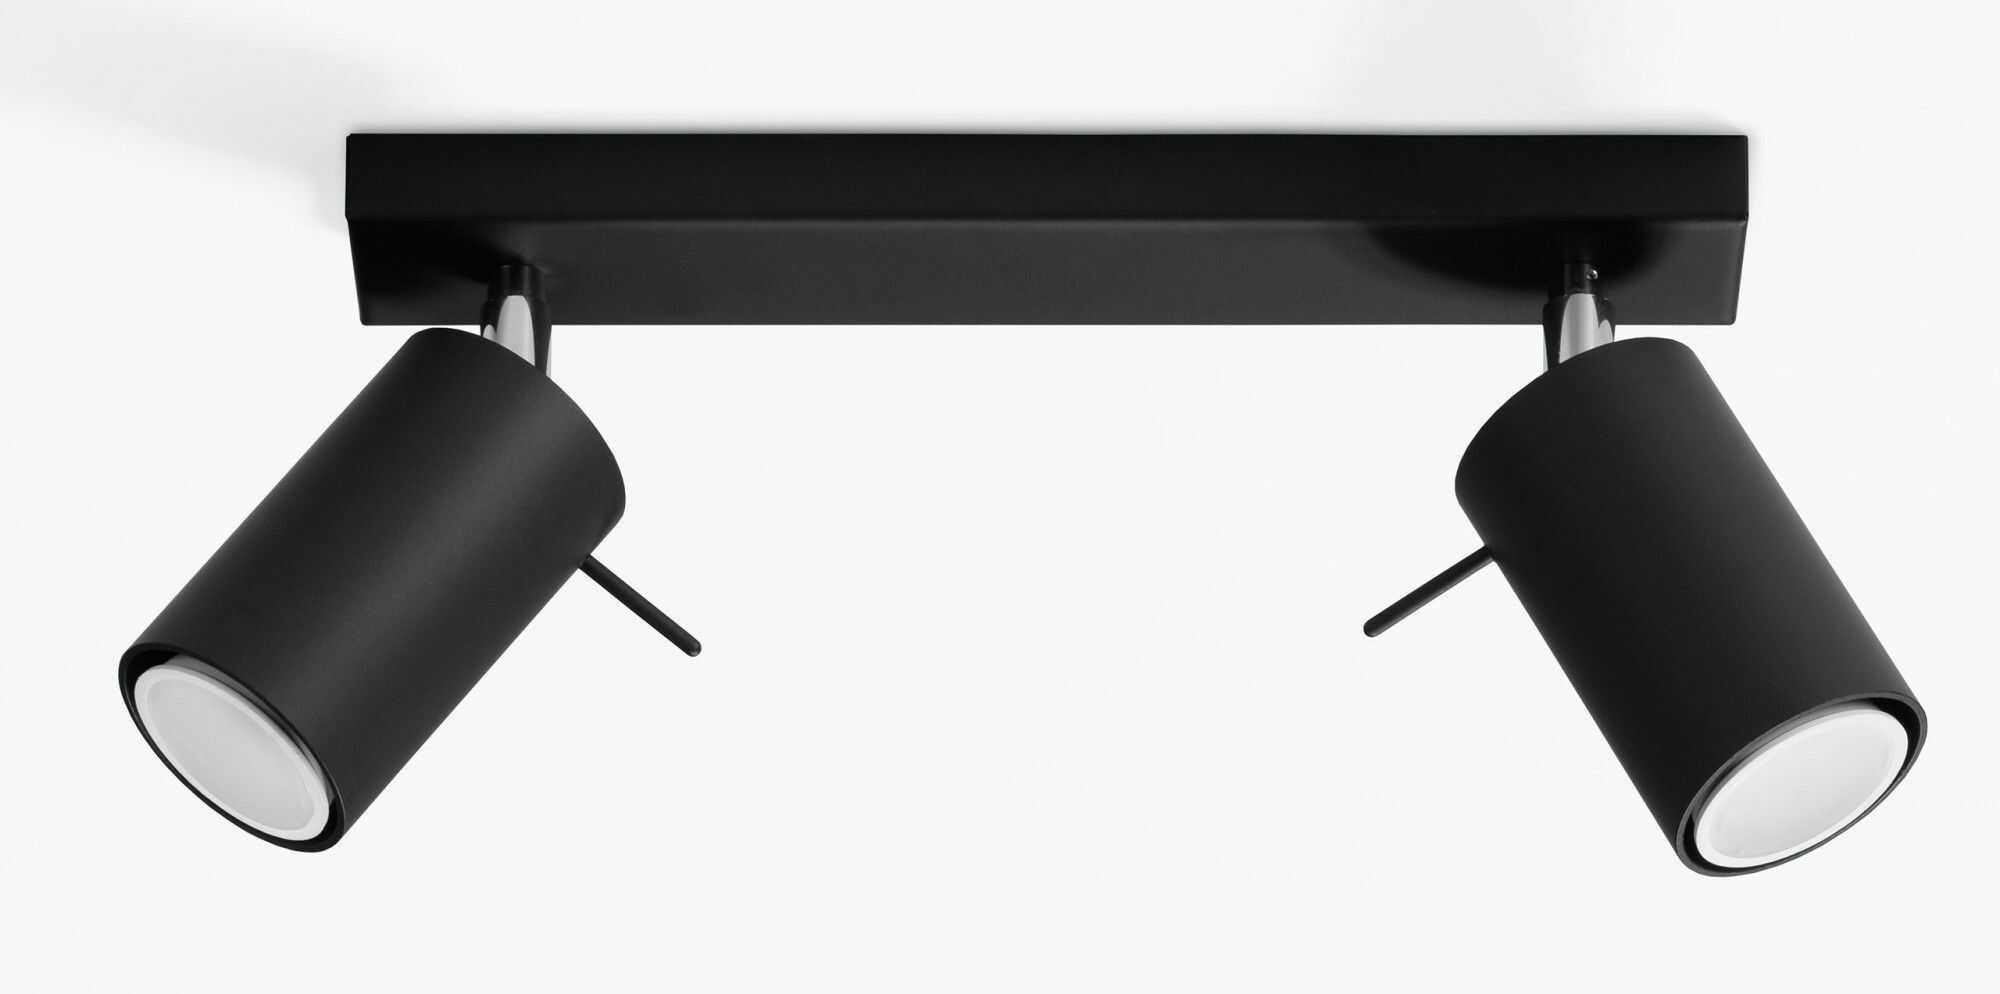 Halogenowy plafon LED E782-Rins - czarny